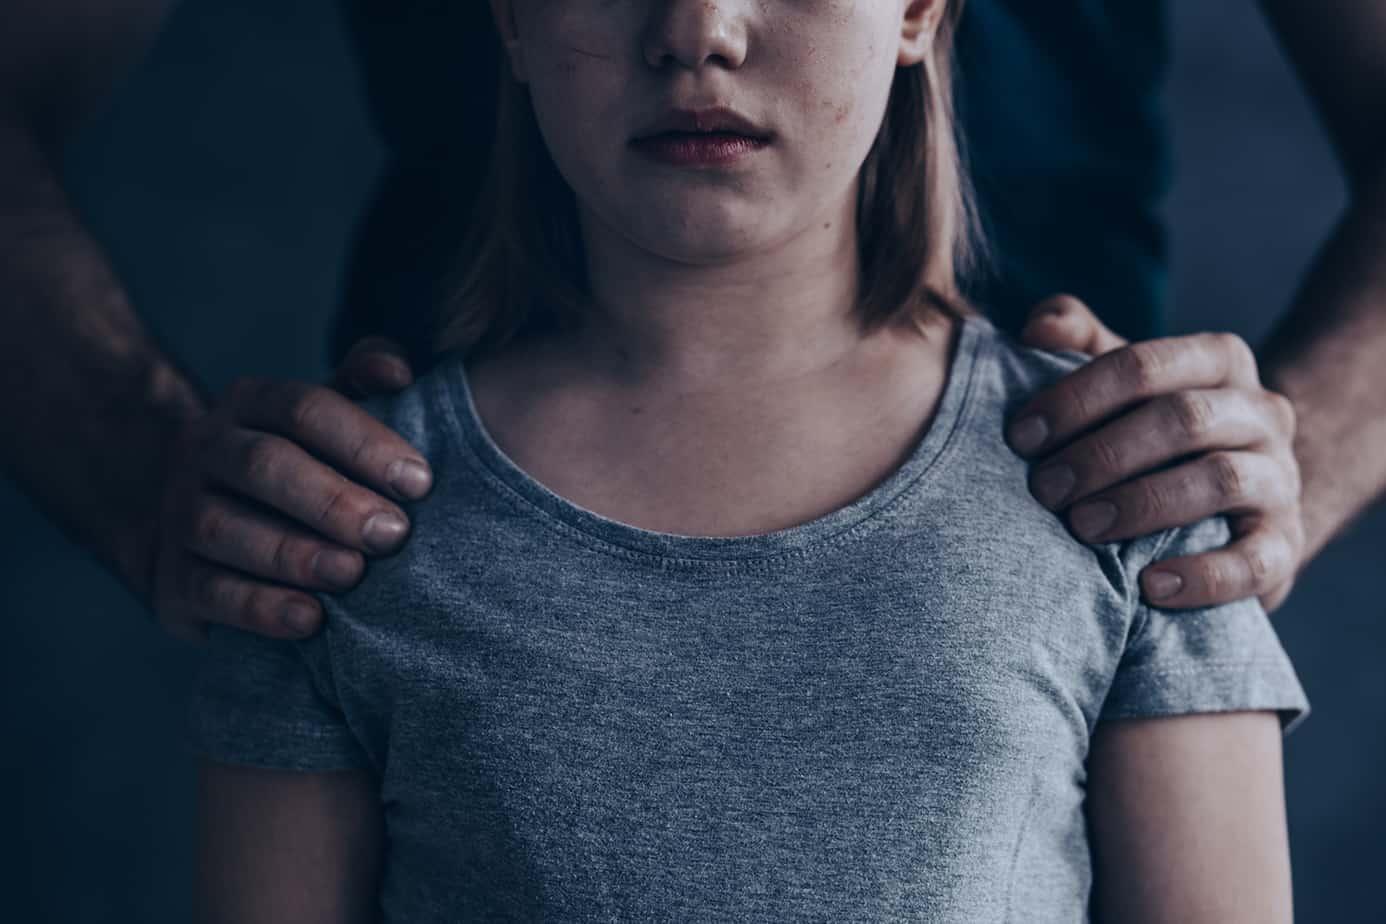 abused little girl P6SJ2GX